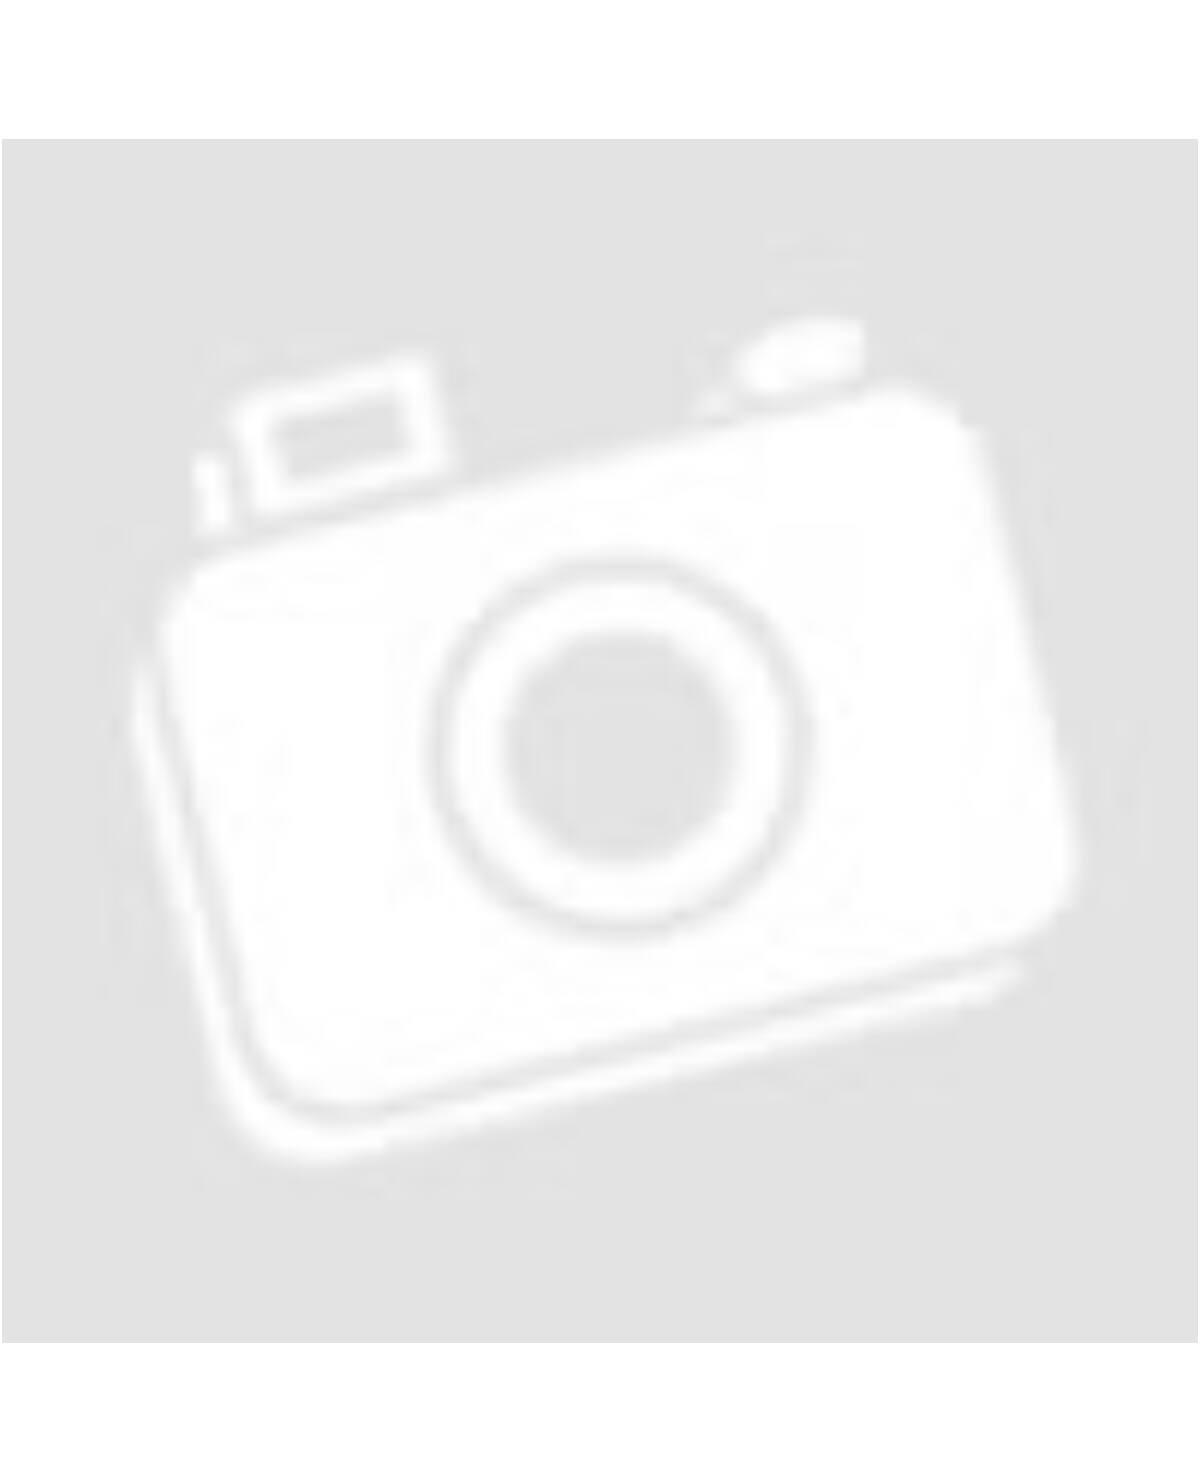 TheVR Revolution - Női póló - Póló - Penta Shop 830eabc42d